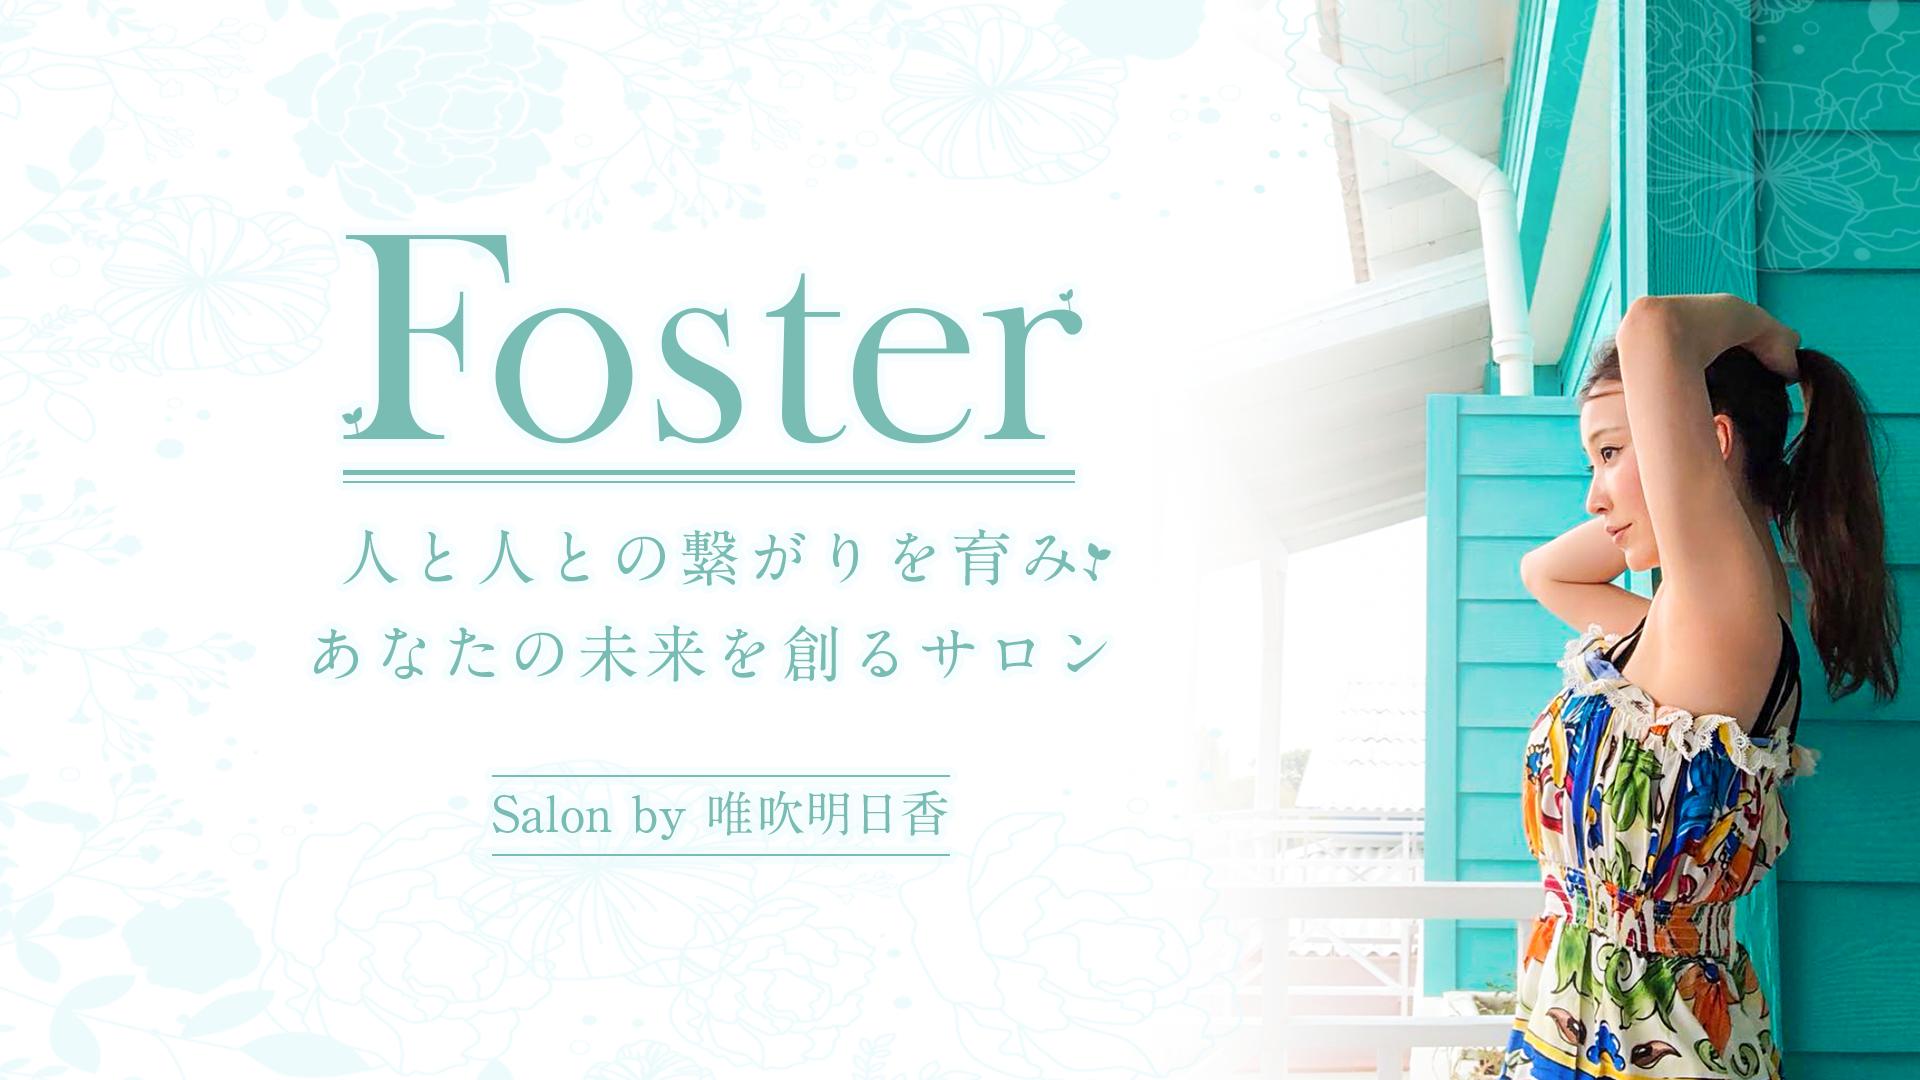 唯吹 明日香 - Foster 人と人との繋がりを育み、あなたの未来を創るサロン - DMM オンラインサロン